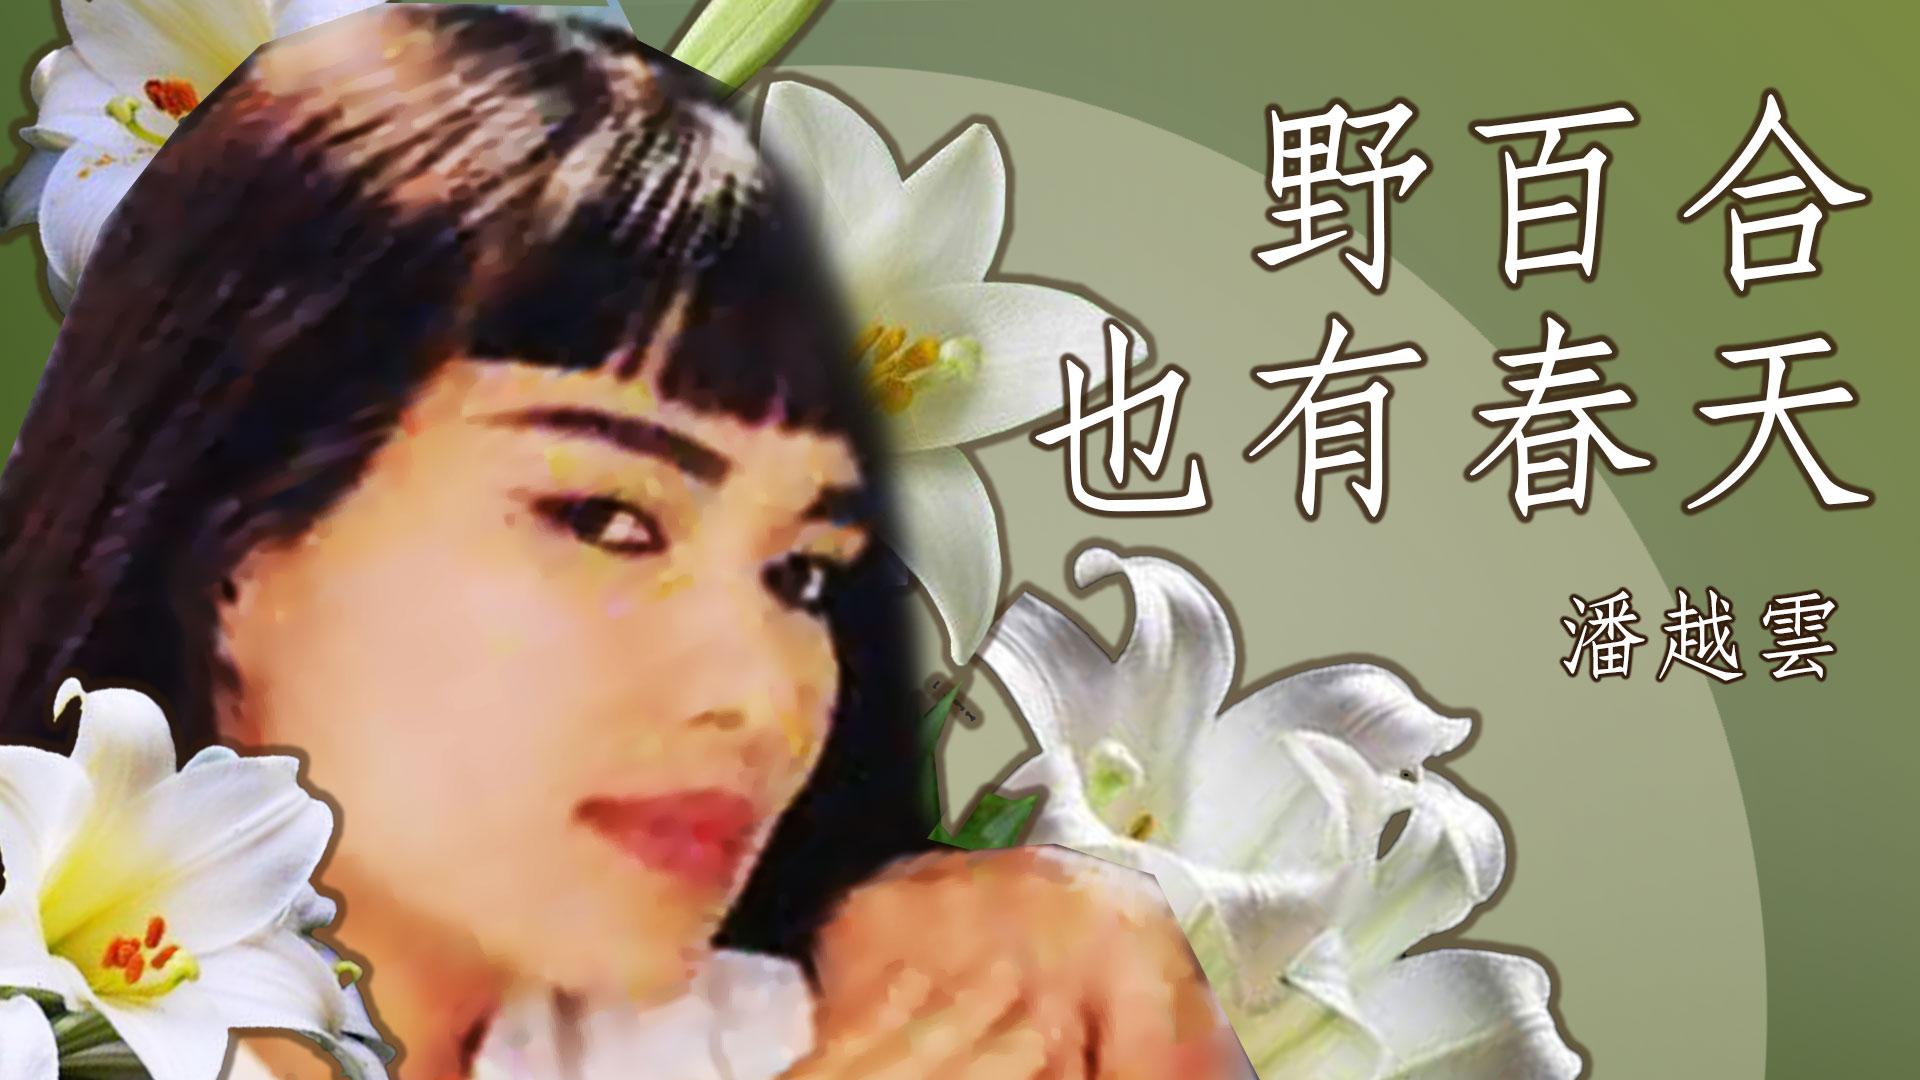 潘越雲 01 |  野百合也有春天